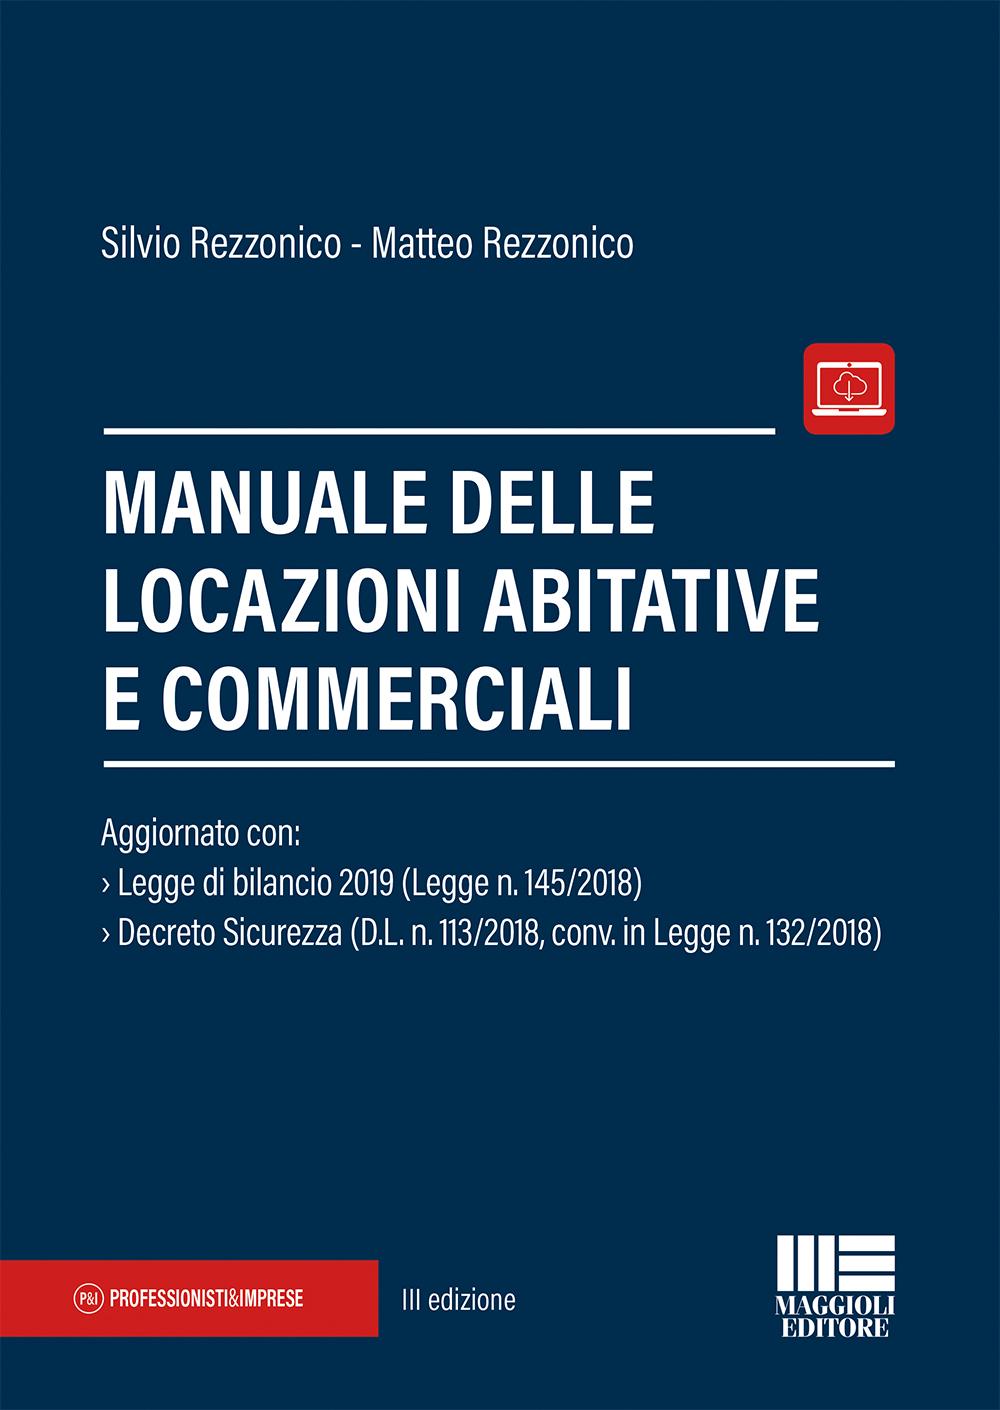 Manuale locazioni abitative e commerciali-Libro Carta